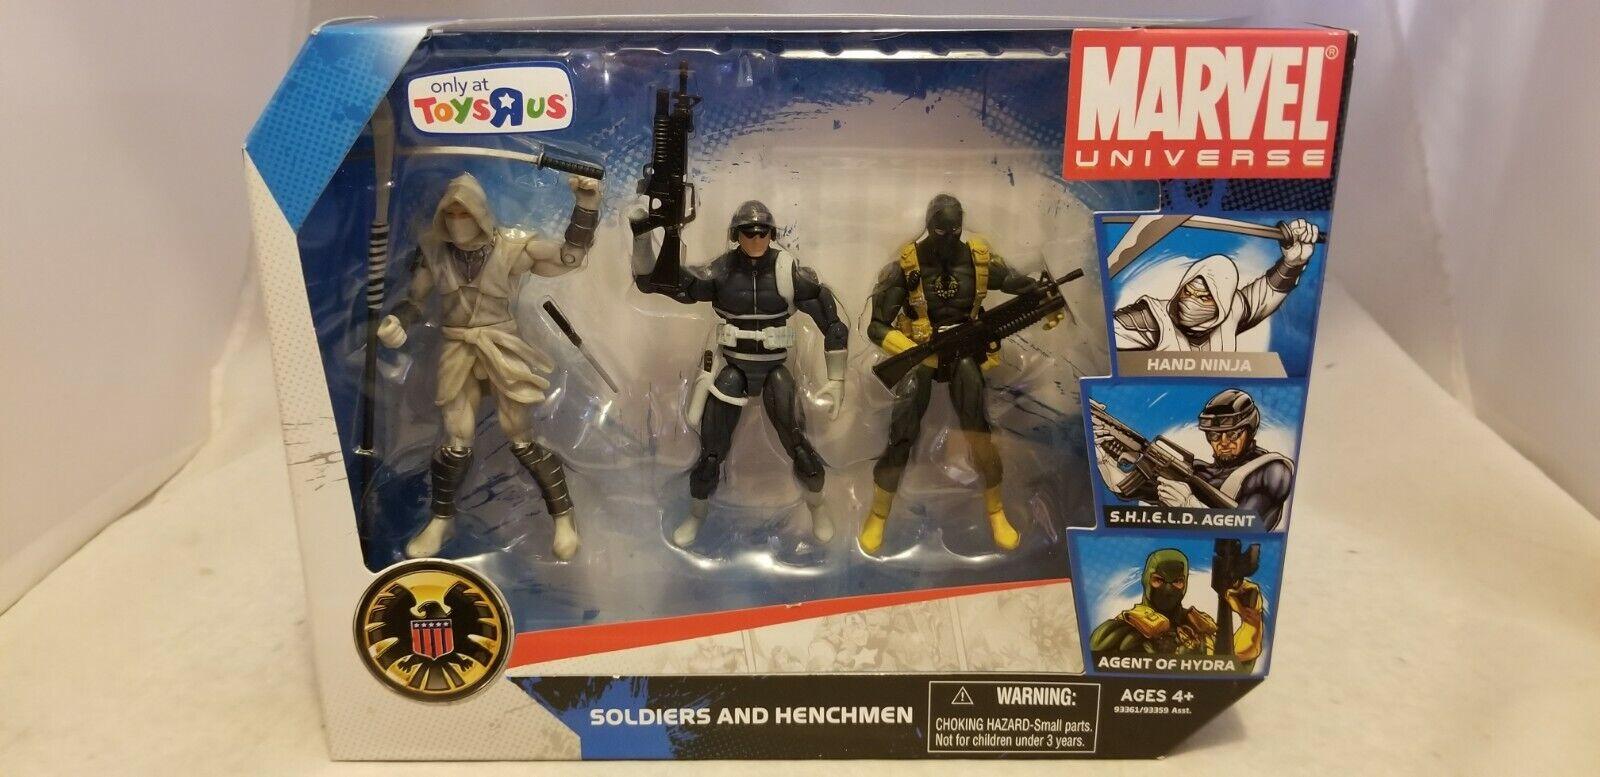 Marvel Universe soldados y secuaces 3.75  Escudo agente, Mano Ninja, Hydra